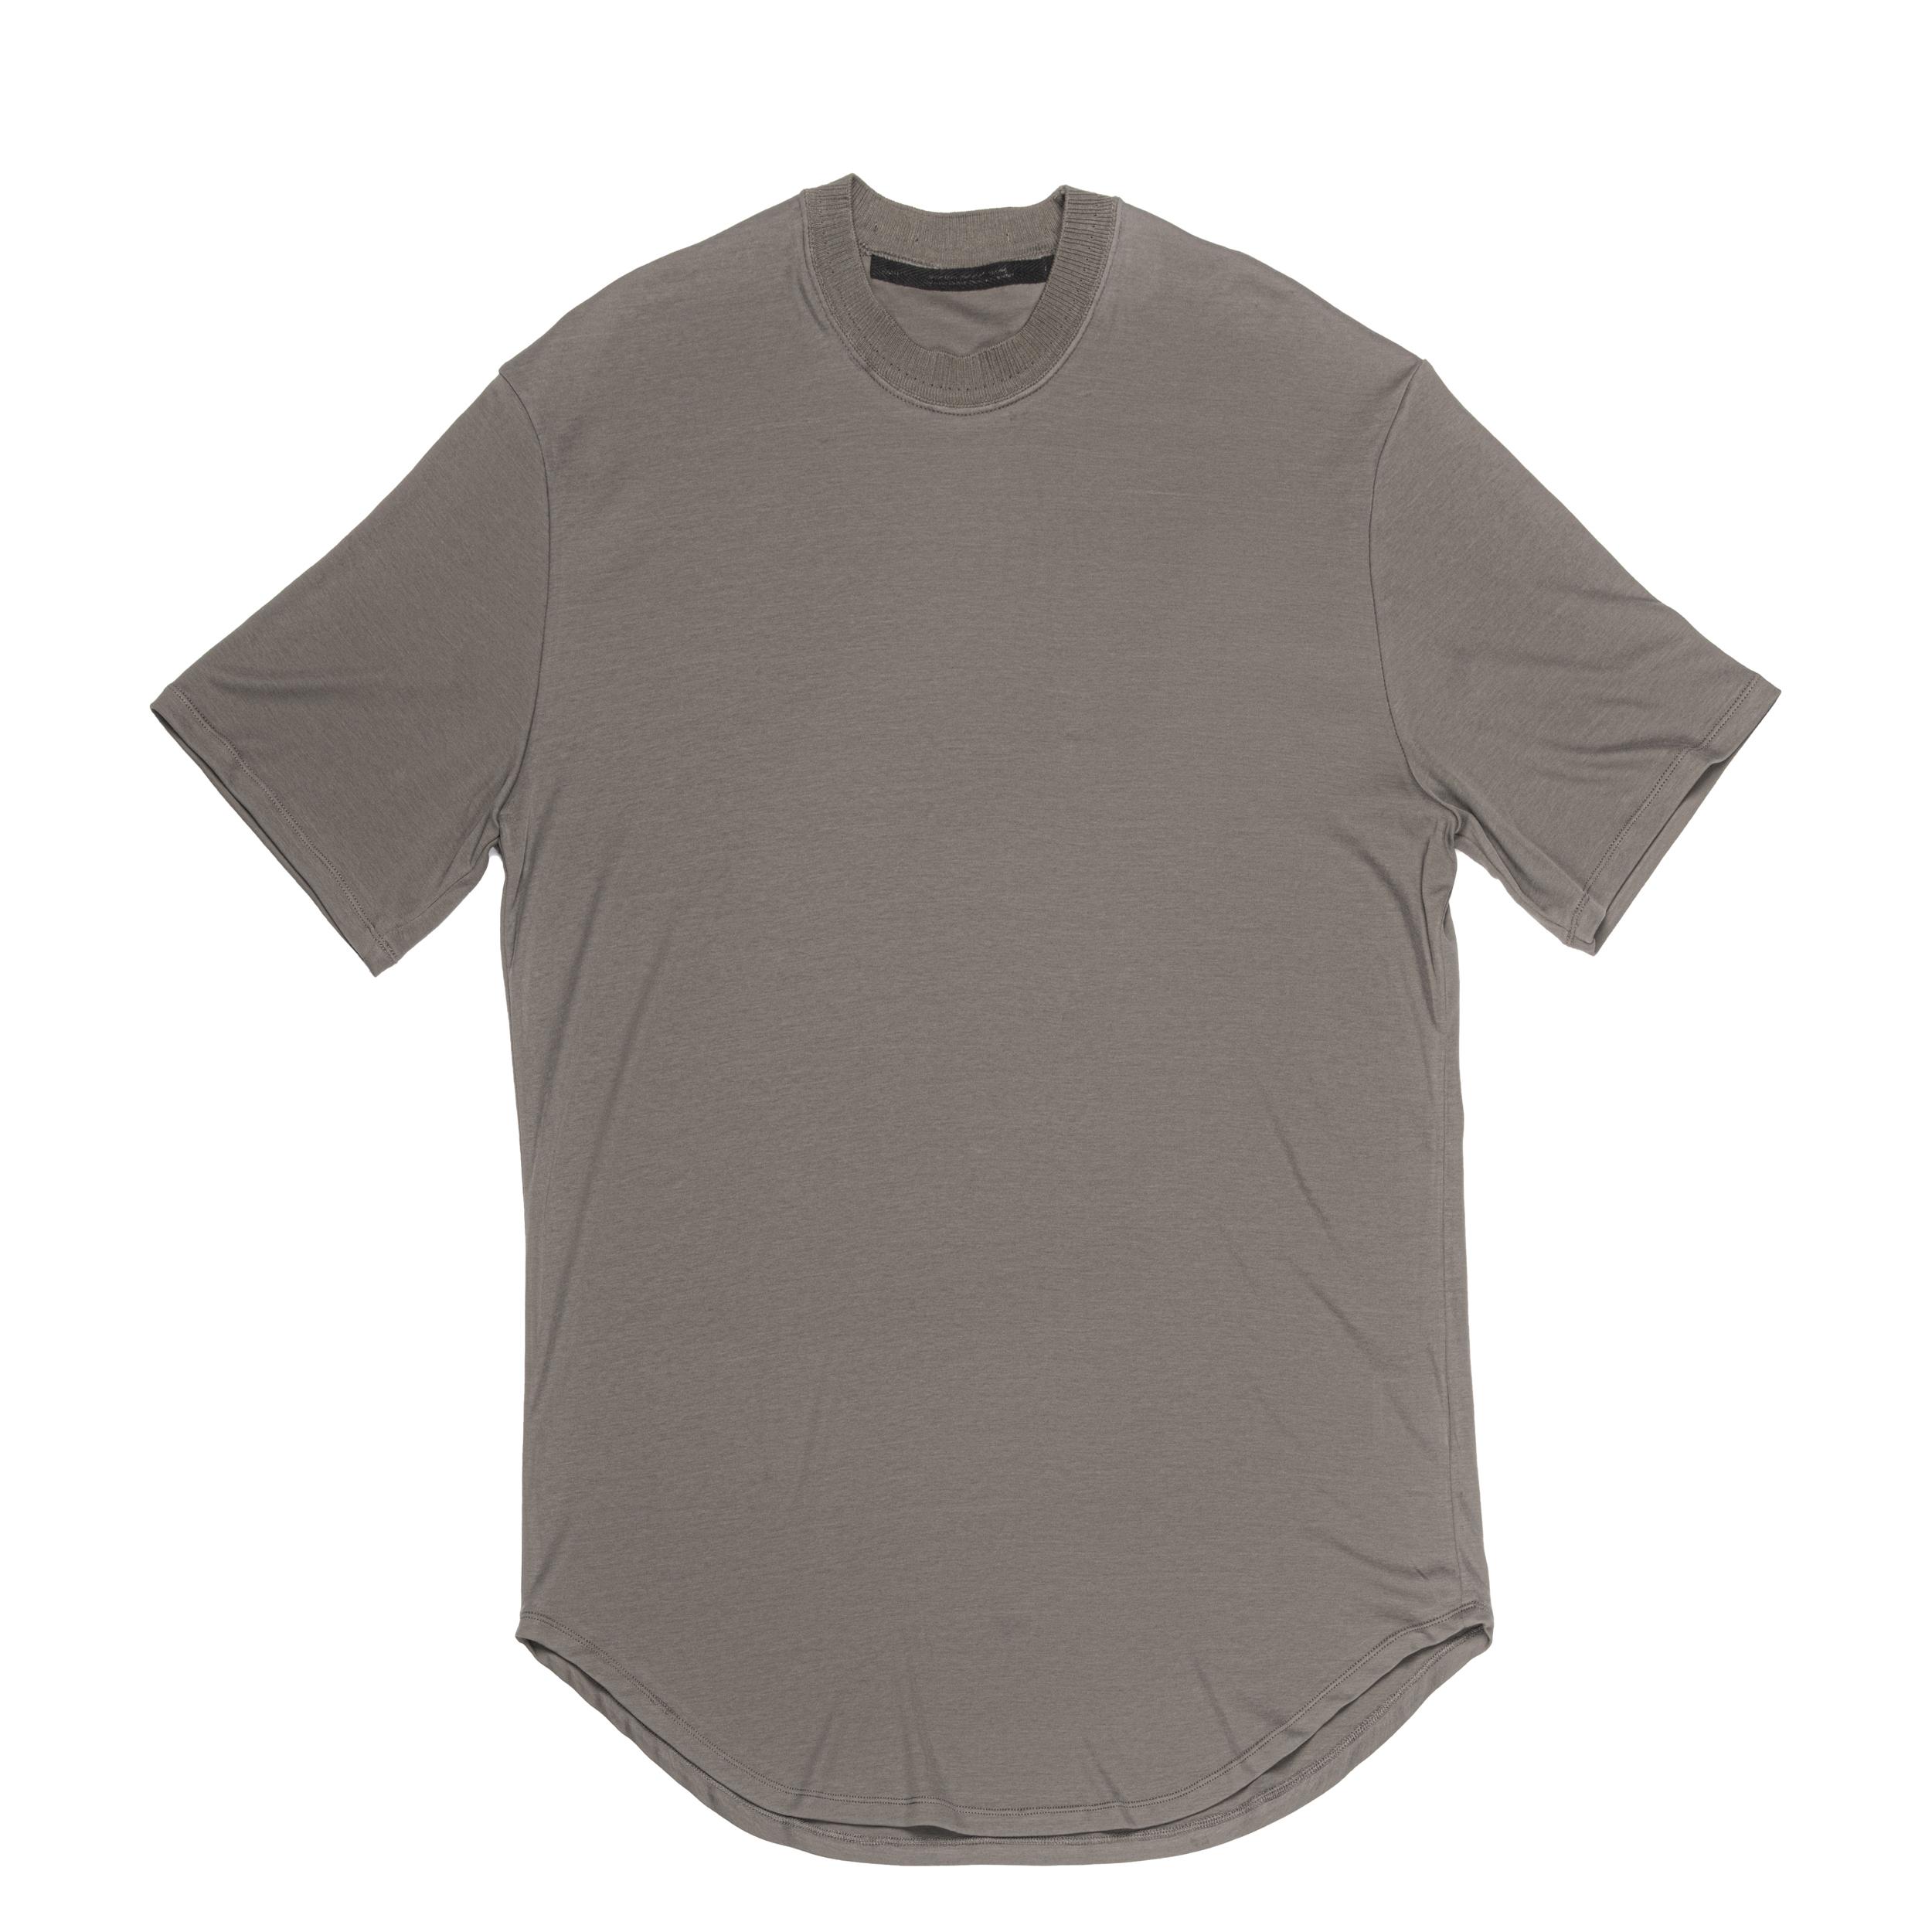 667CUM8-KHAKI / ラウンドTシャツ